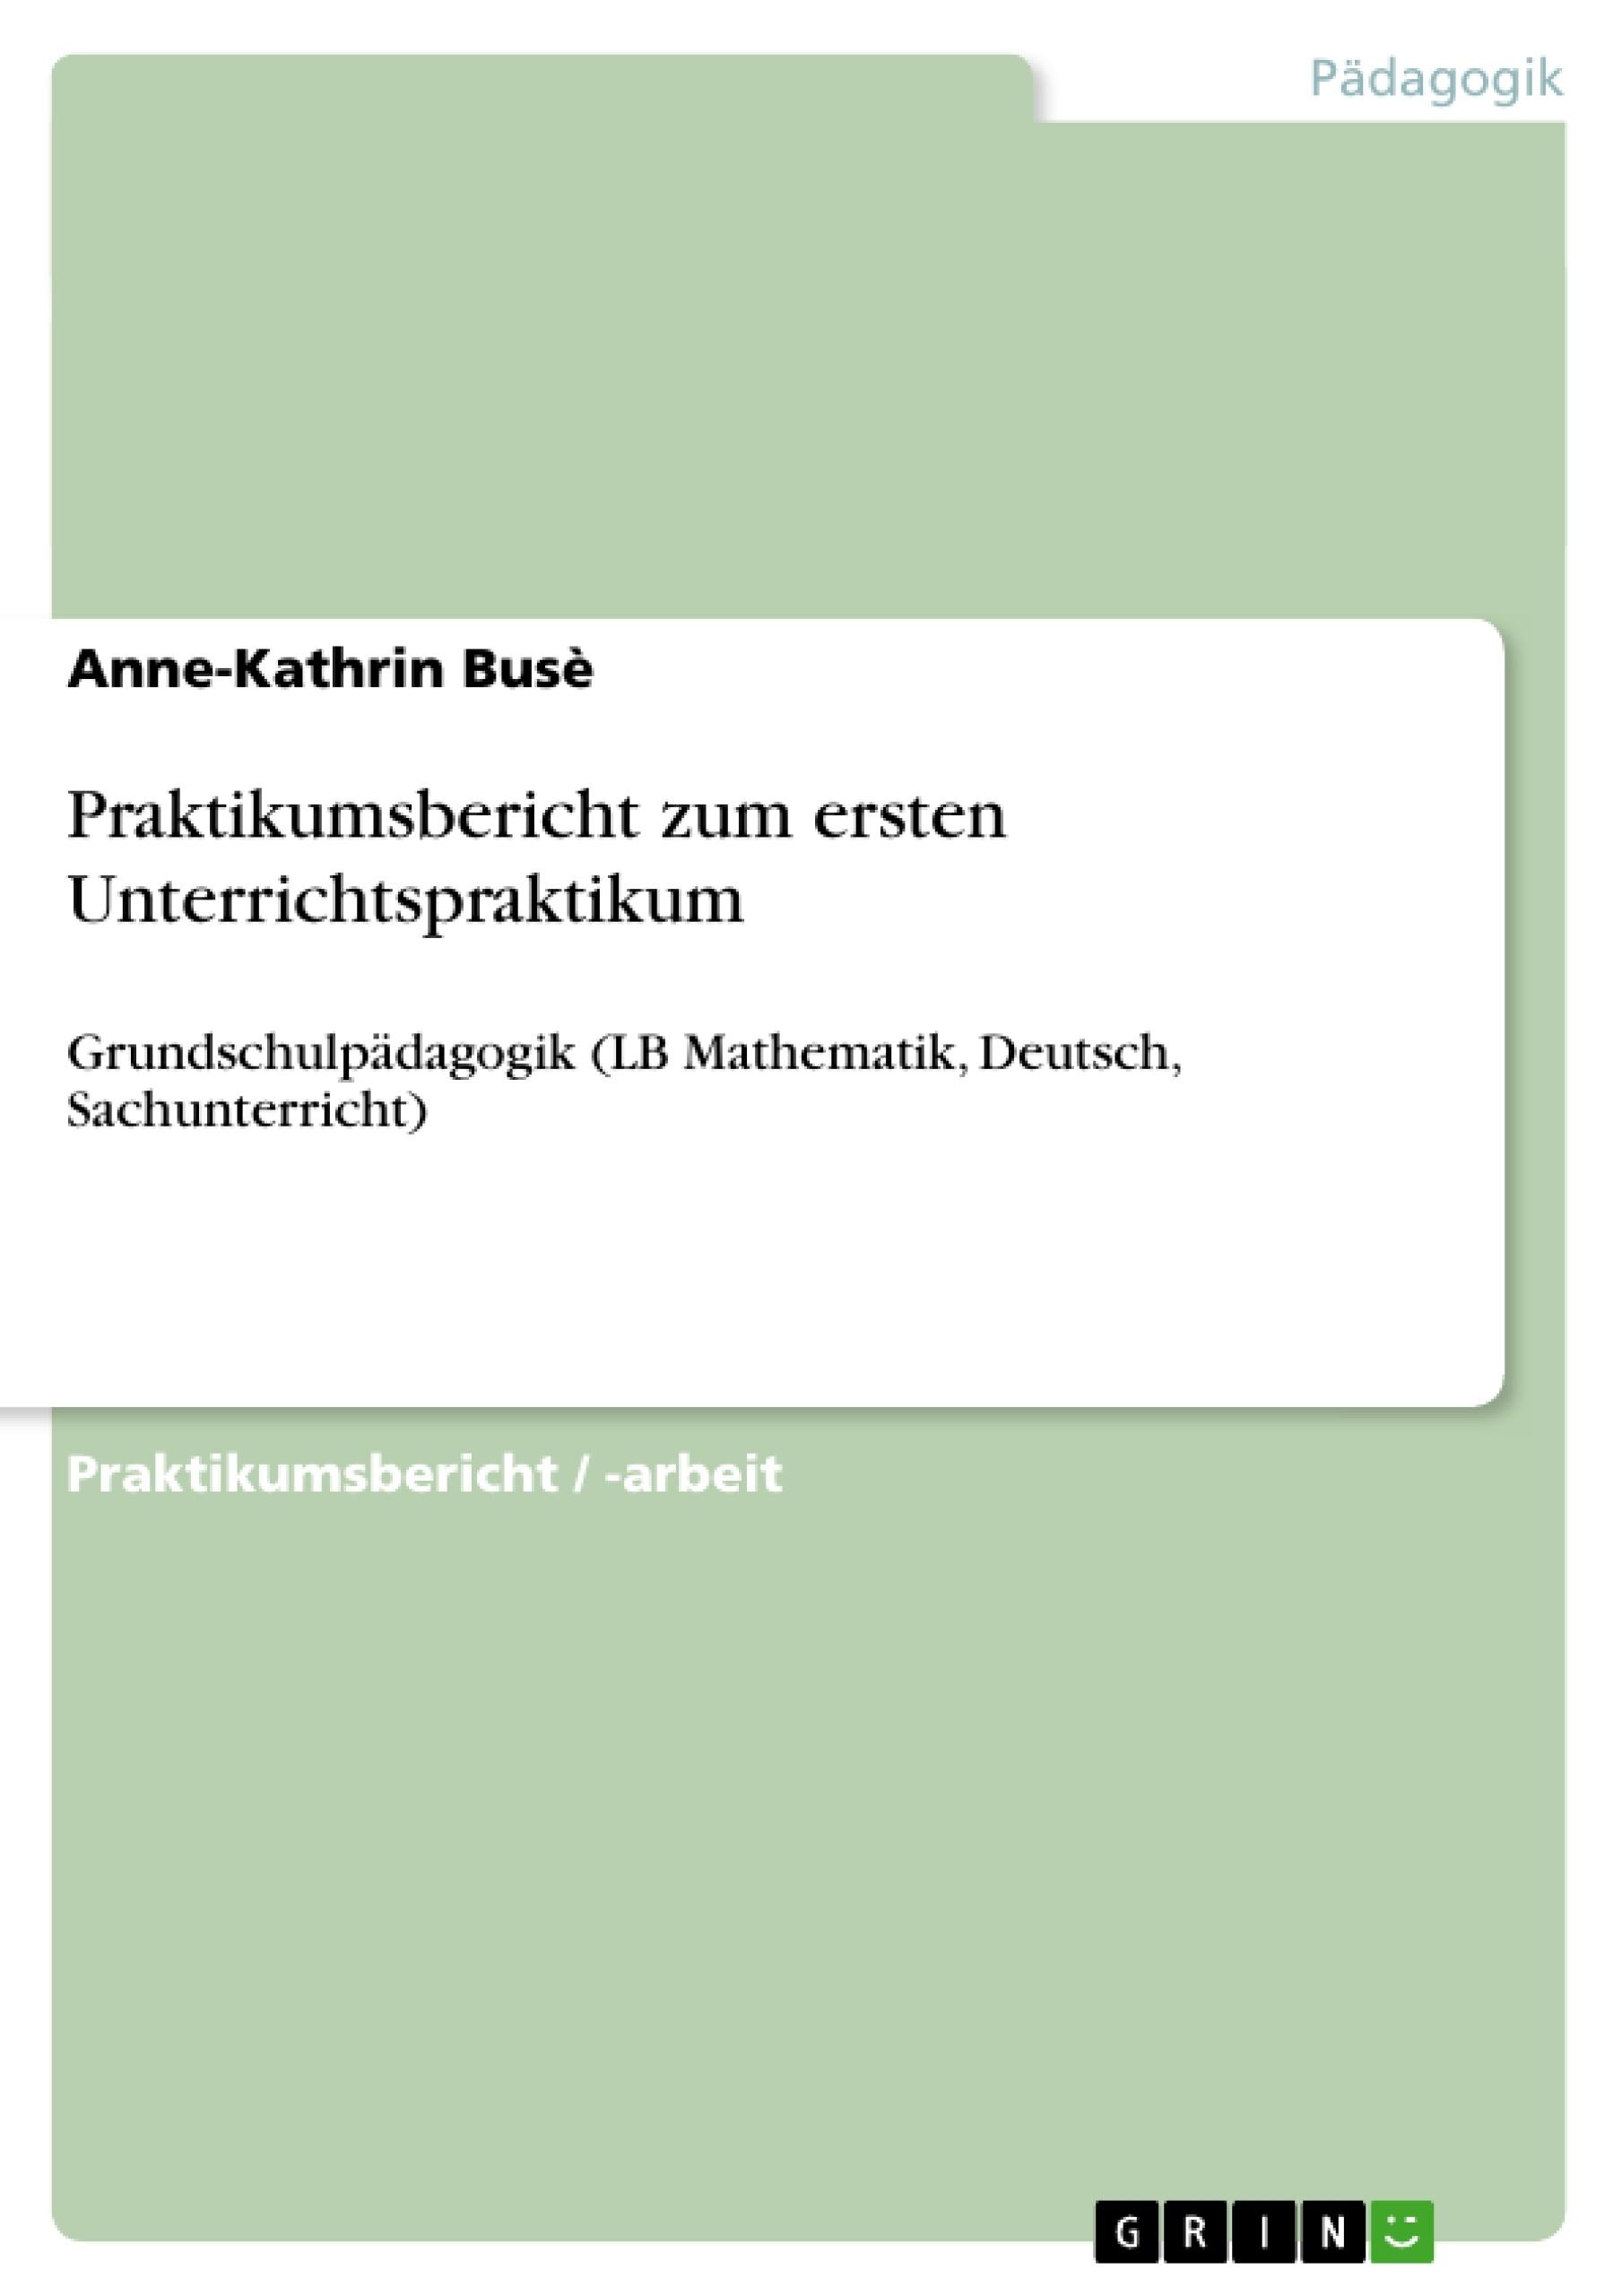 Titel: Praktikumsbericht zum ersten Unterrichtspraktikum